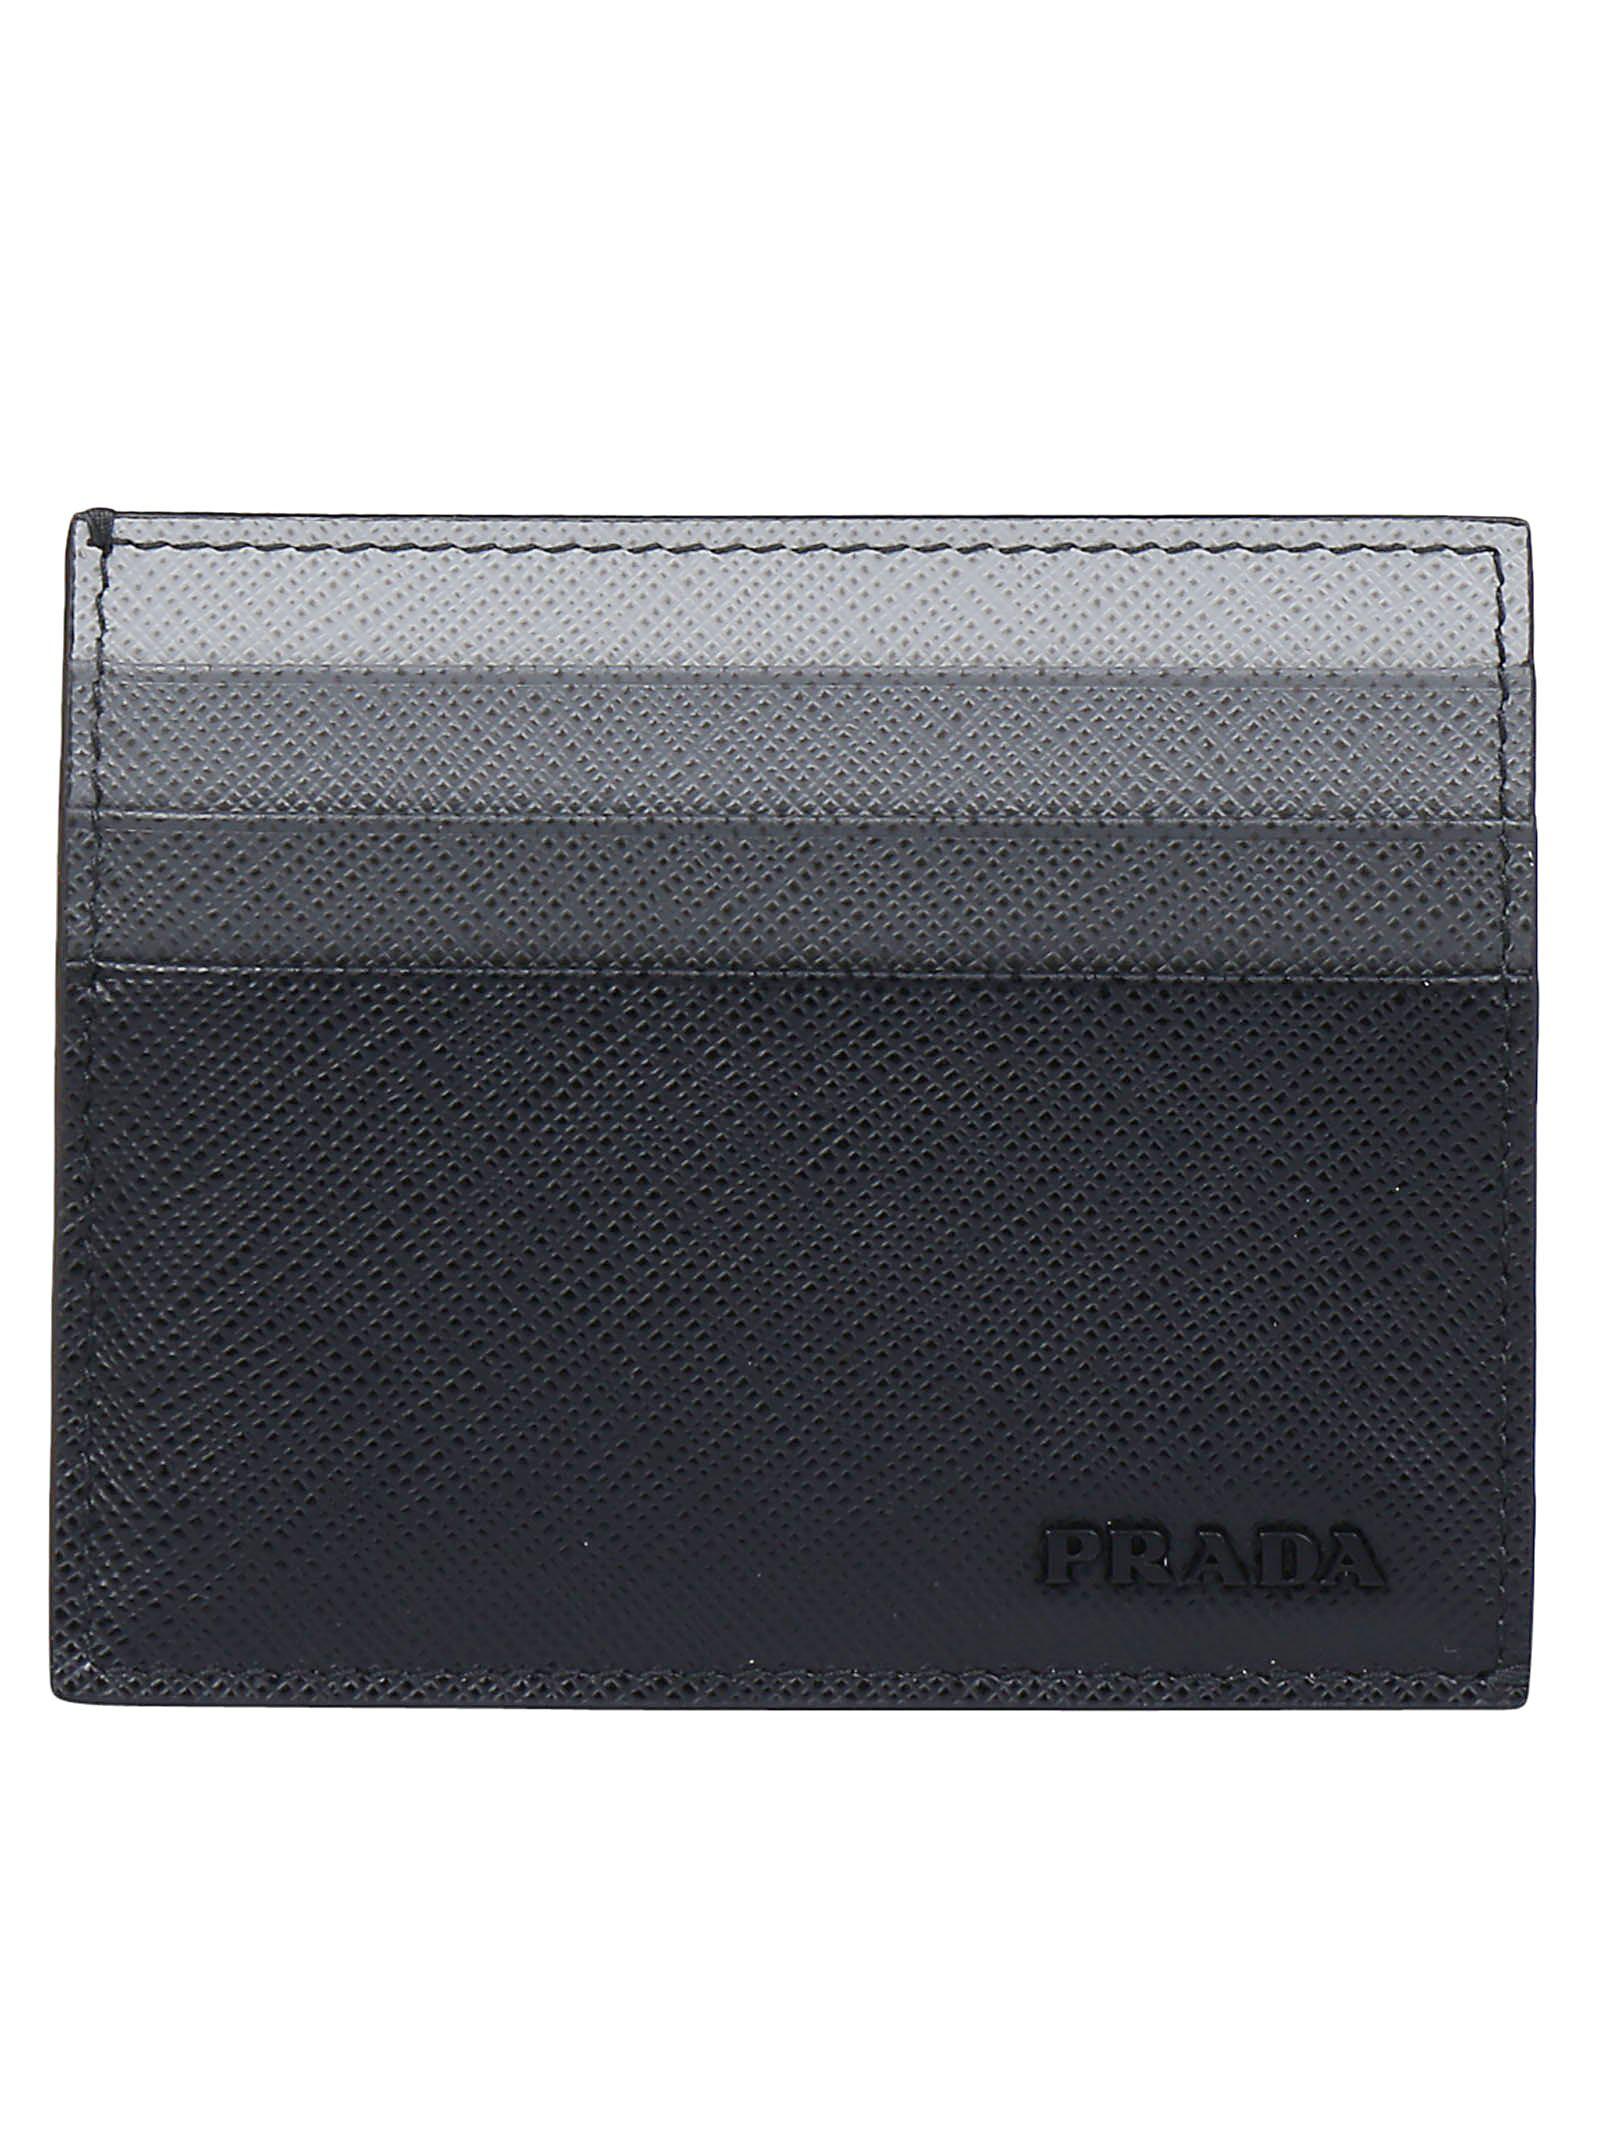 38aa660f7e29a3 Prada Saffiano Cardholder In Black   ModeSens